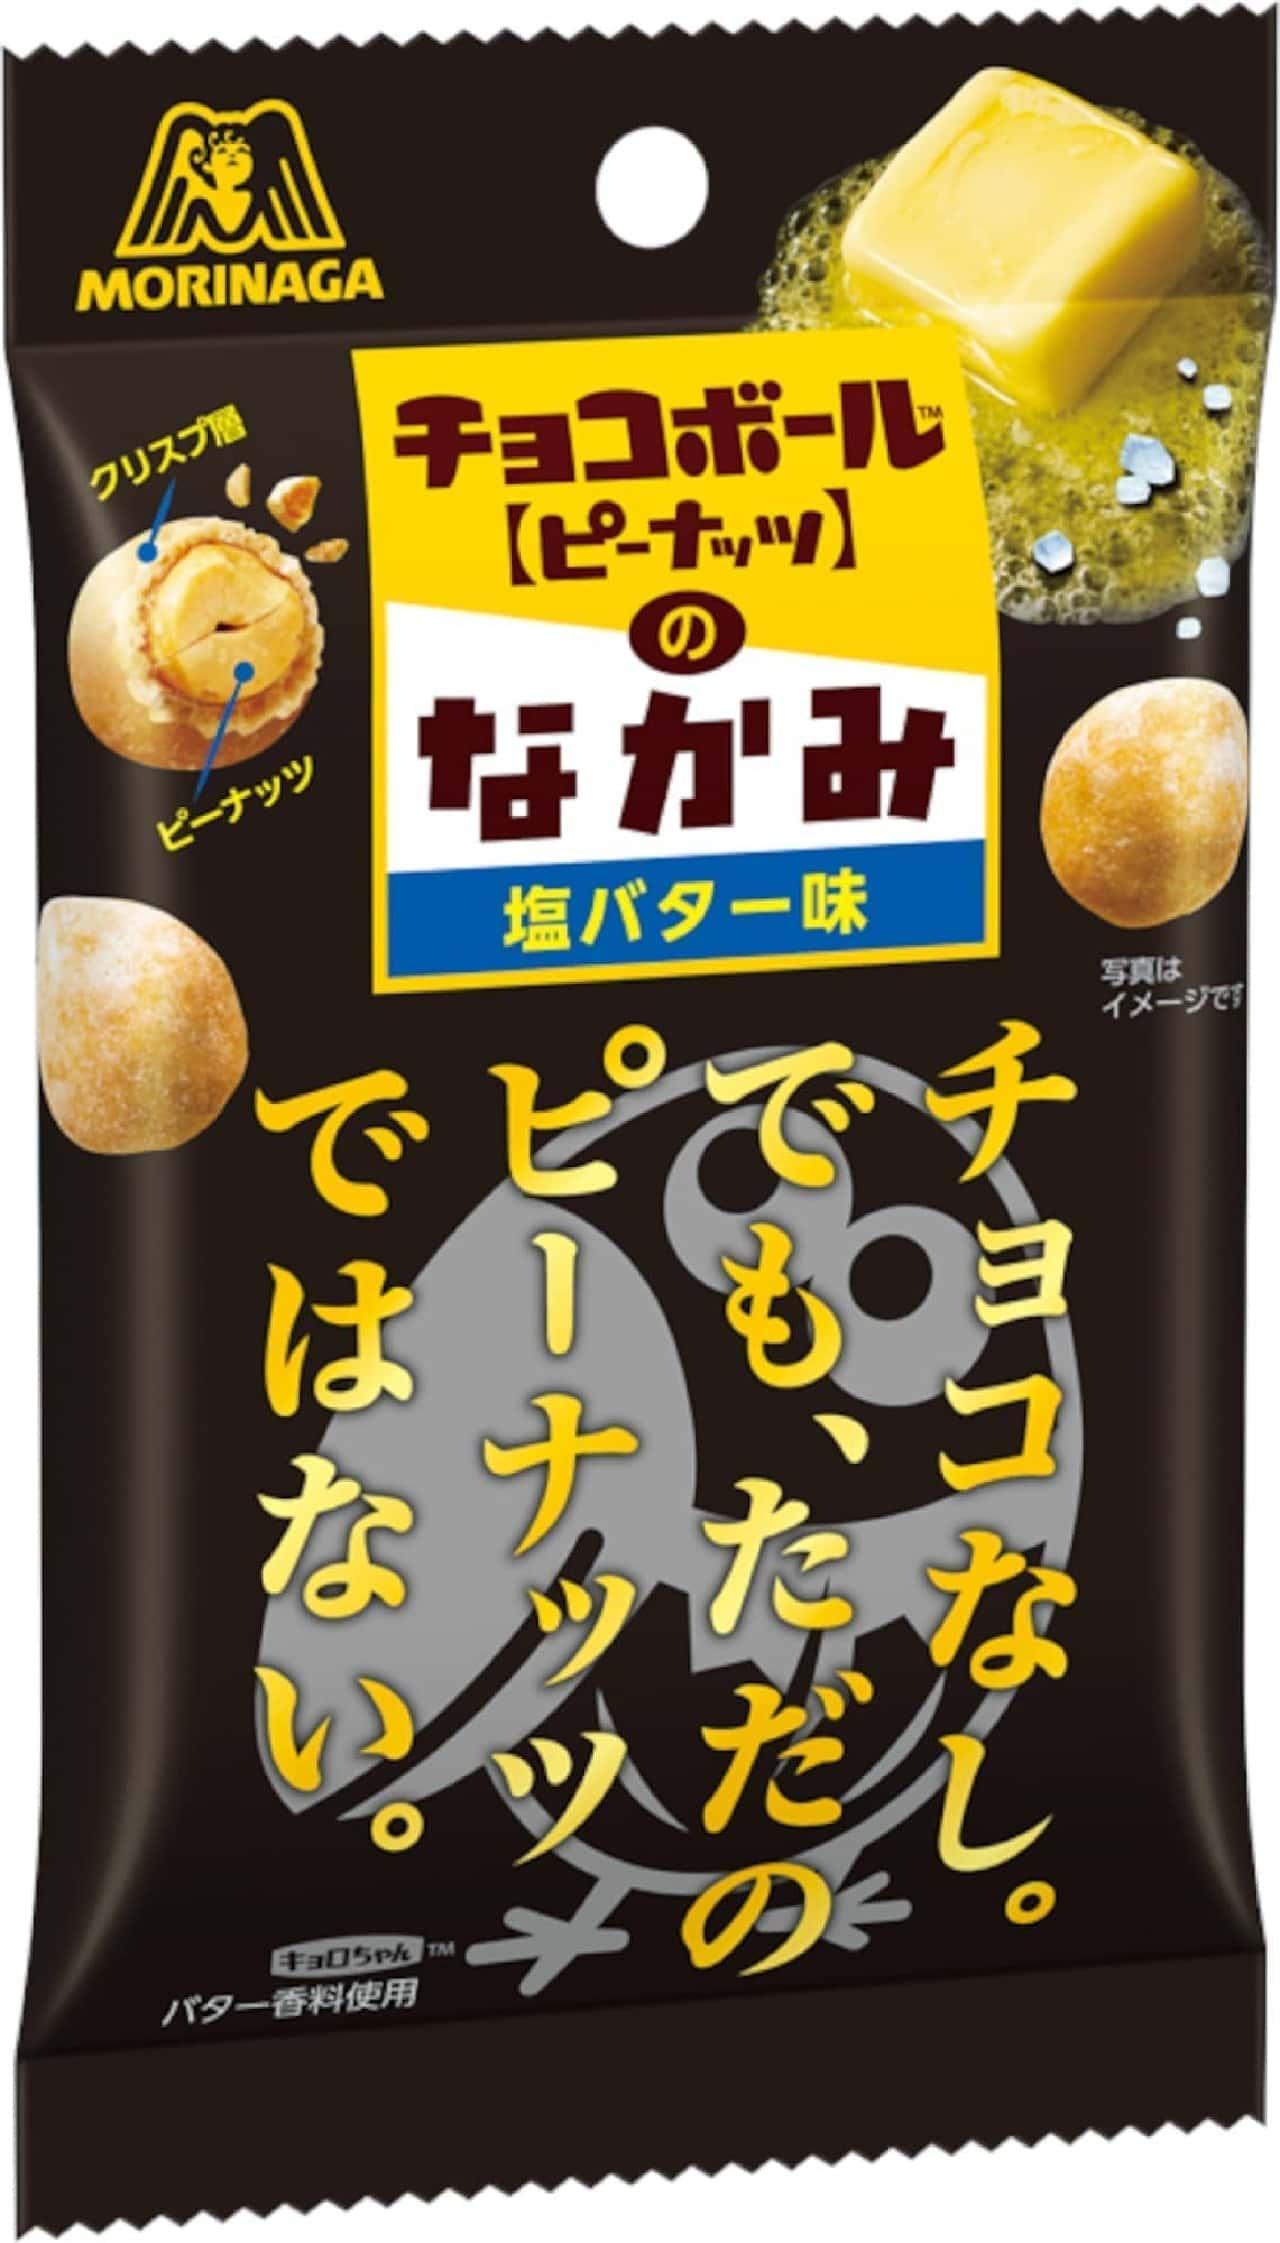 森永「チョコボールのなかみ」に新フレーバー「塩バター味」